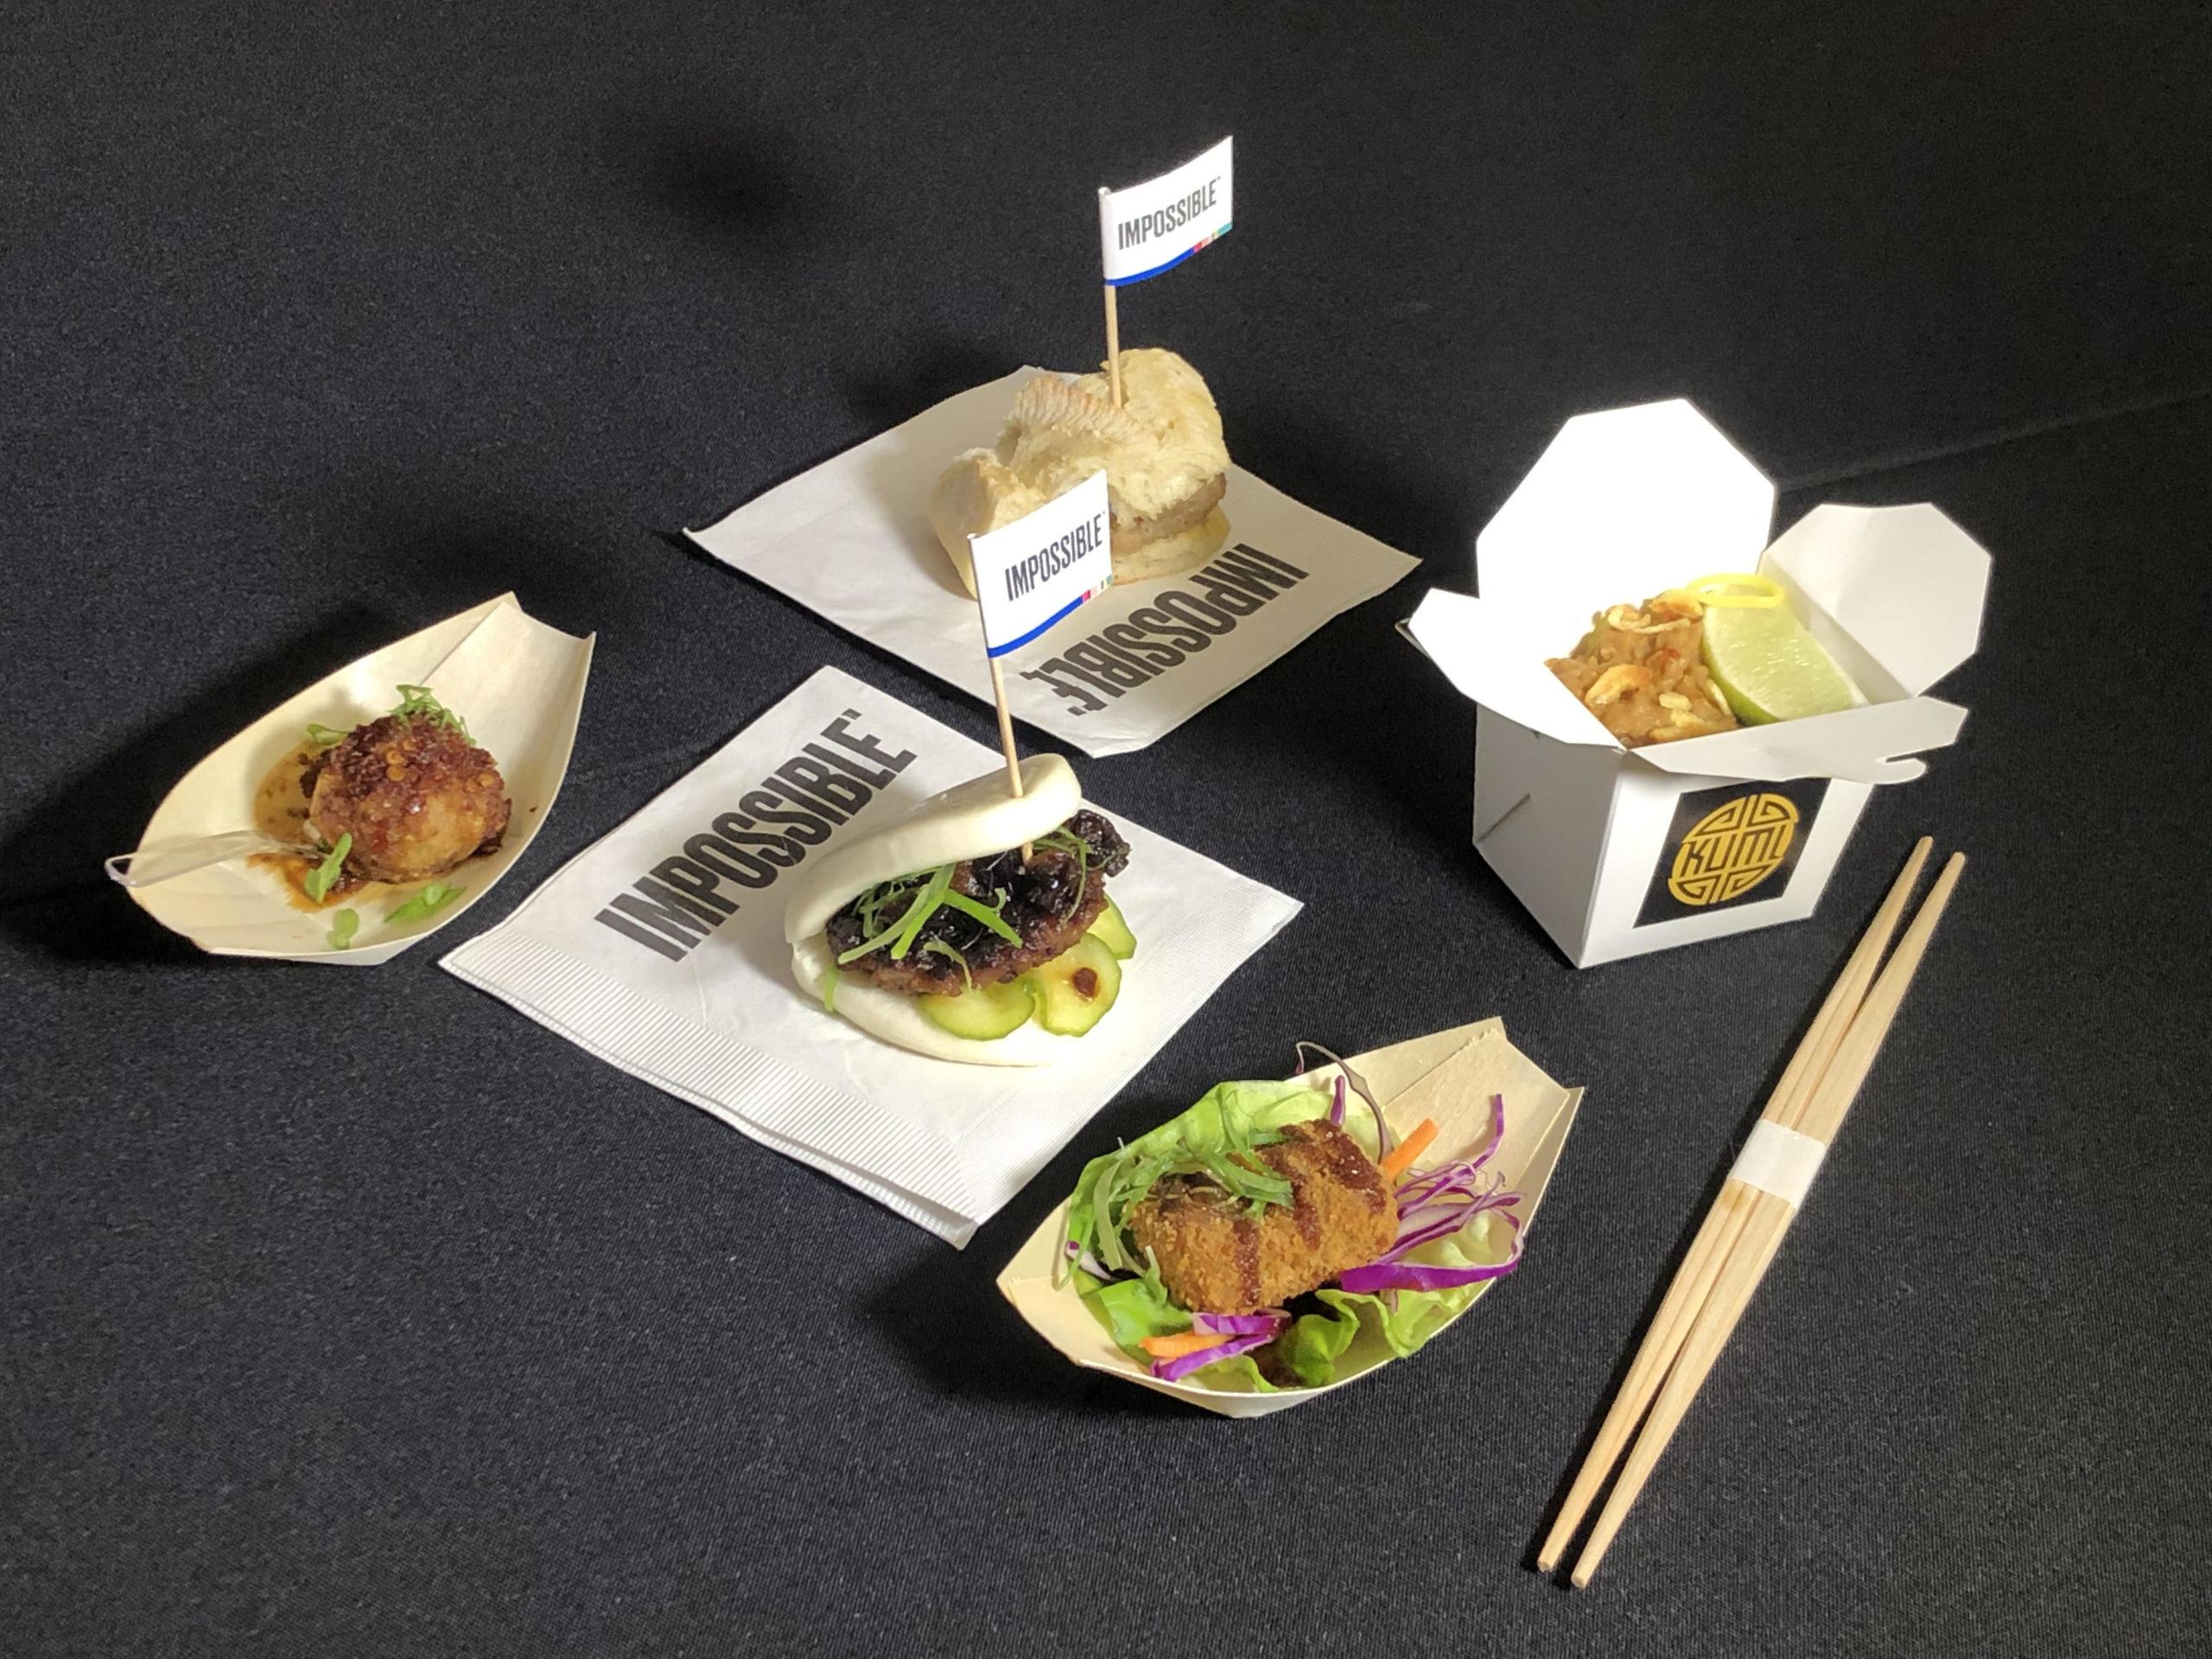 실리콘밸리의 대체육 스타트업인 임파서블푸즈가 6일 미국 라스베이거스 맨덜레이호텔에서 열린 CES2020 미디어데이 행사에서 돼지고기 제품을 처음 공개했다.